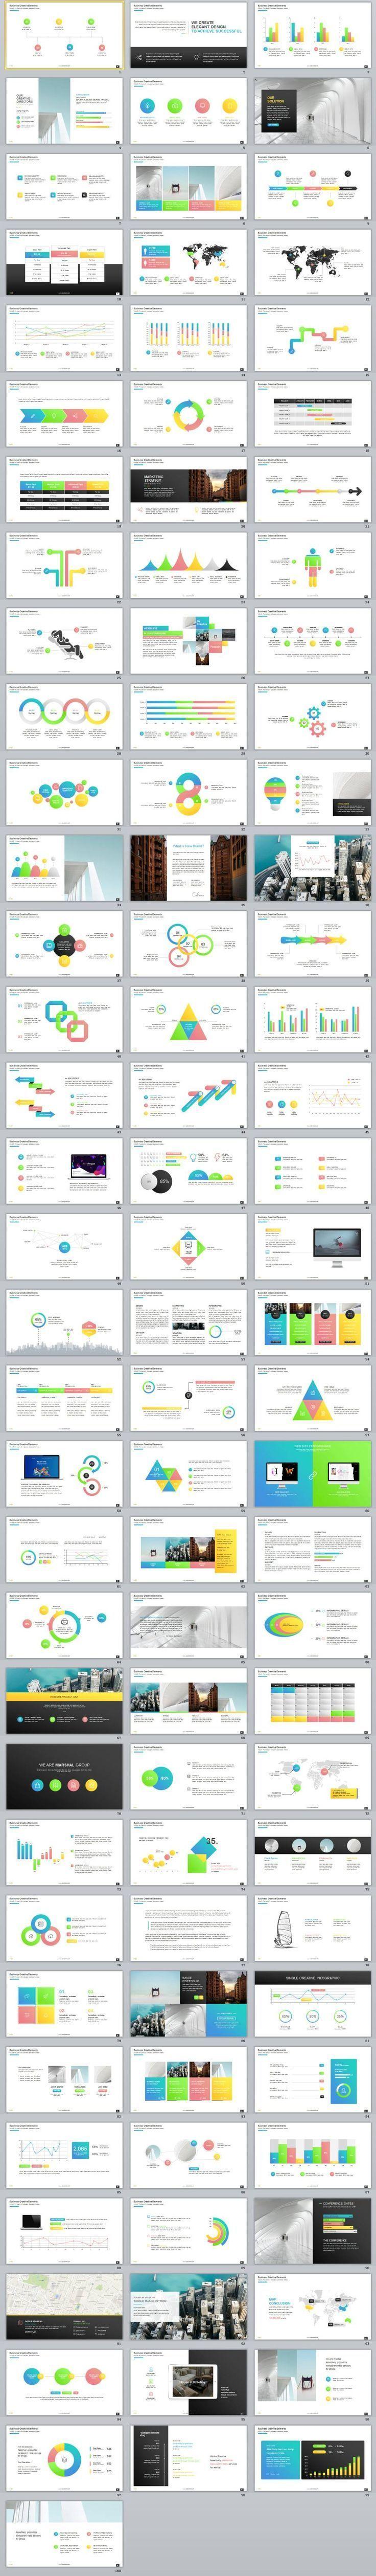 Groß Fotografie Powerpoint Vorlage Ideen - Entry Level Resume ...